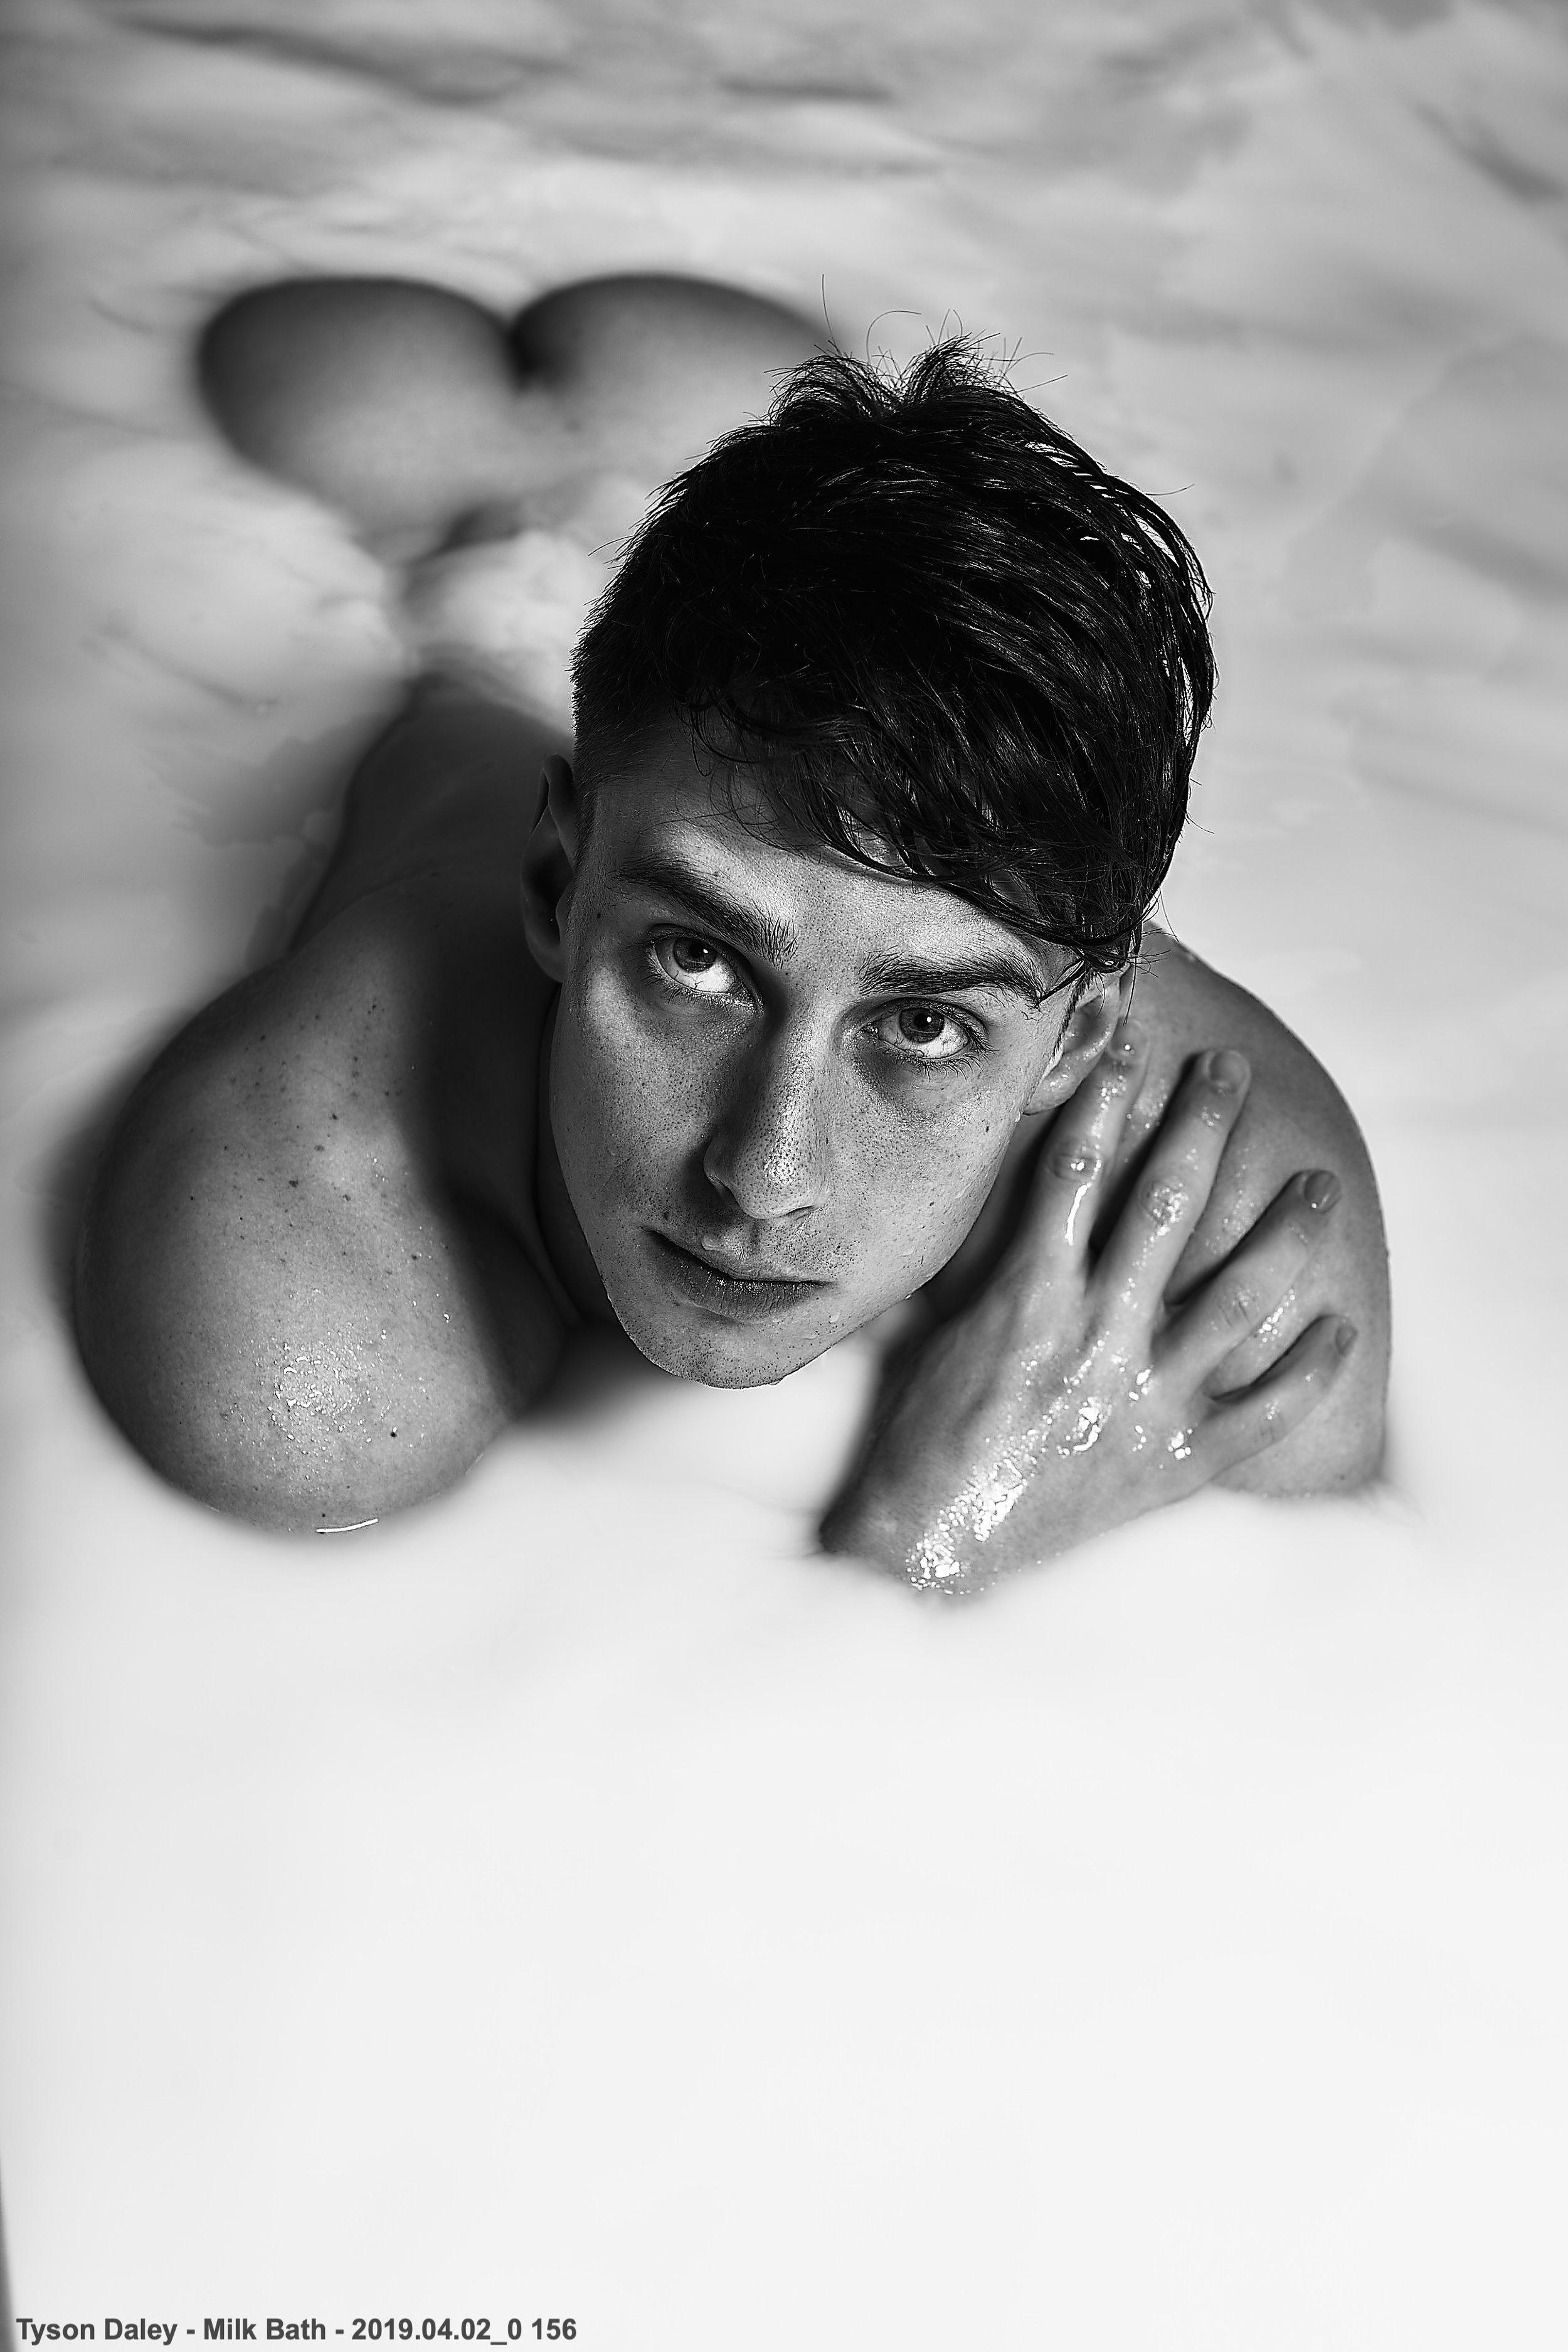 Tyson Daley - Milk Bath - 2019.04.02_0 156.jpg